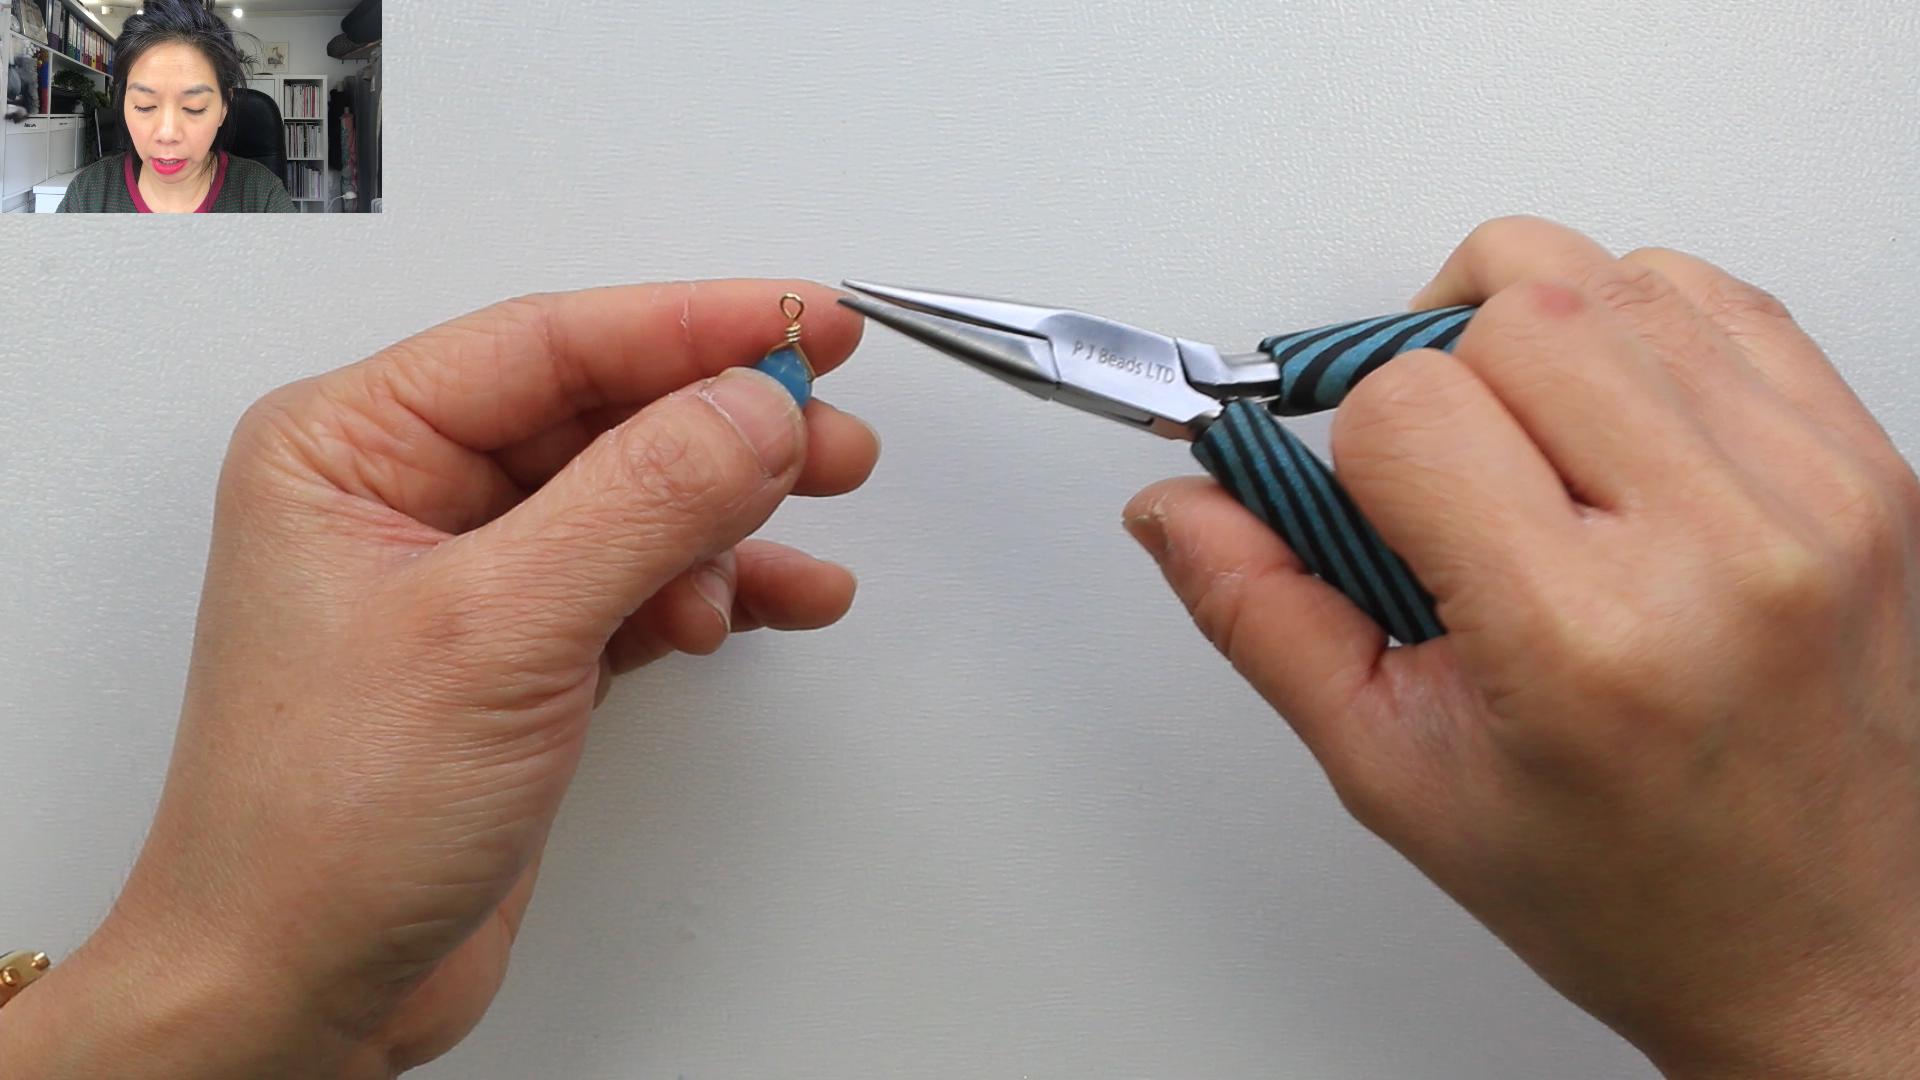 MAKE HANGING DROPS USING HEADPINS